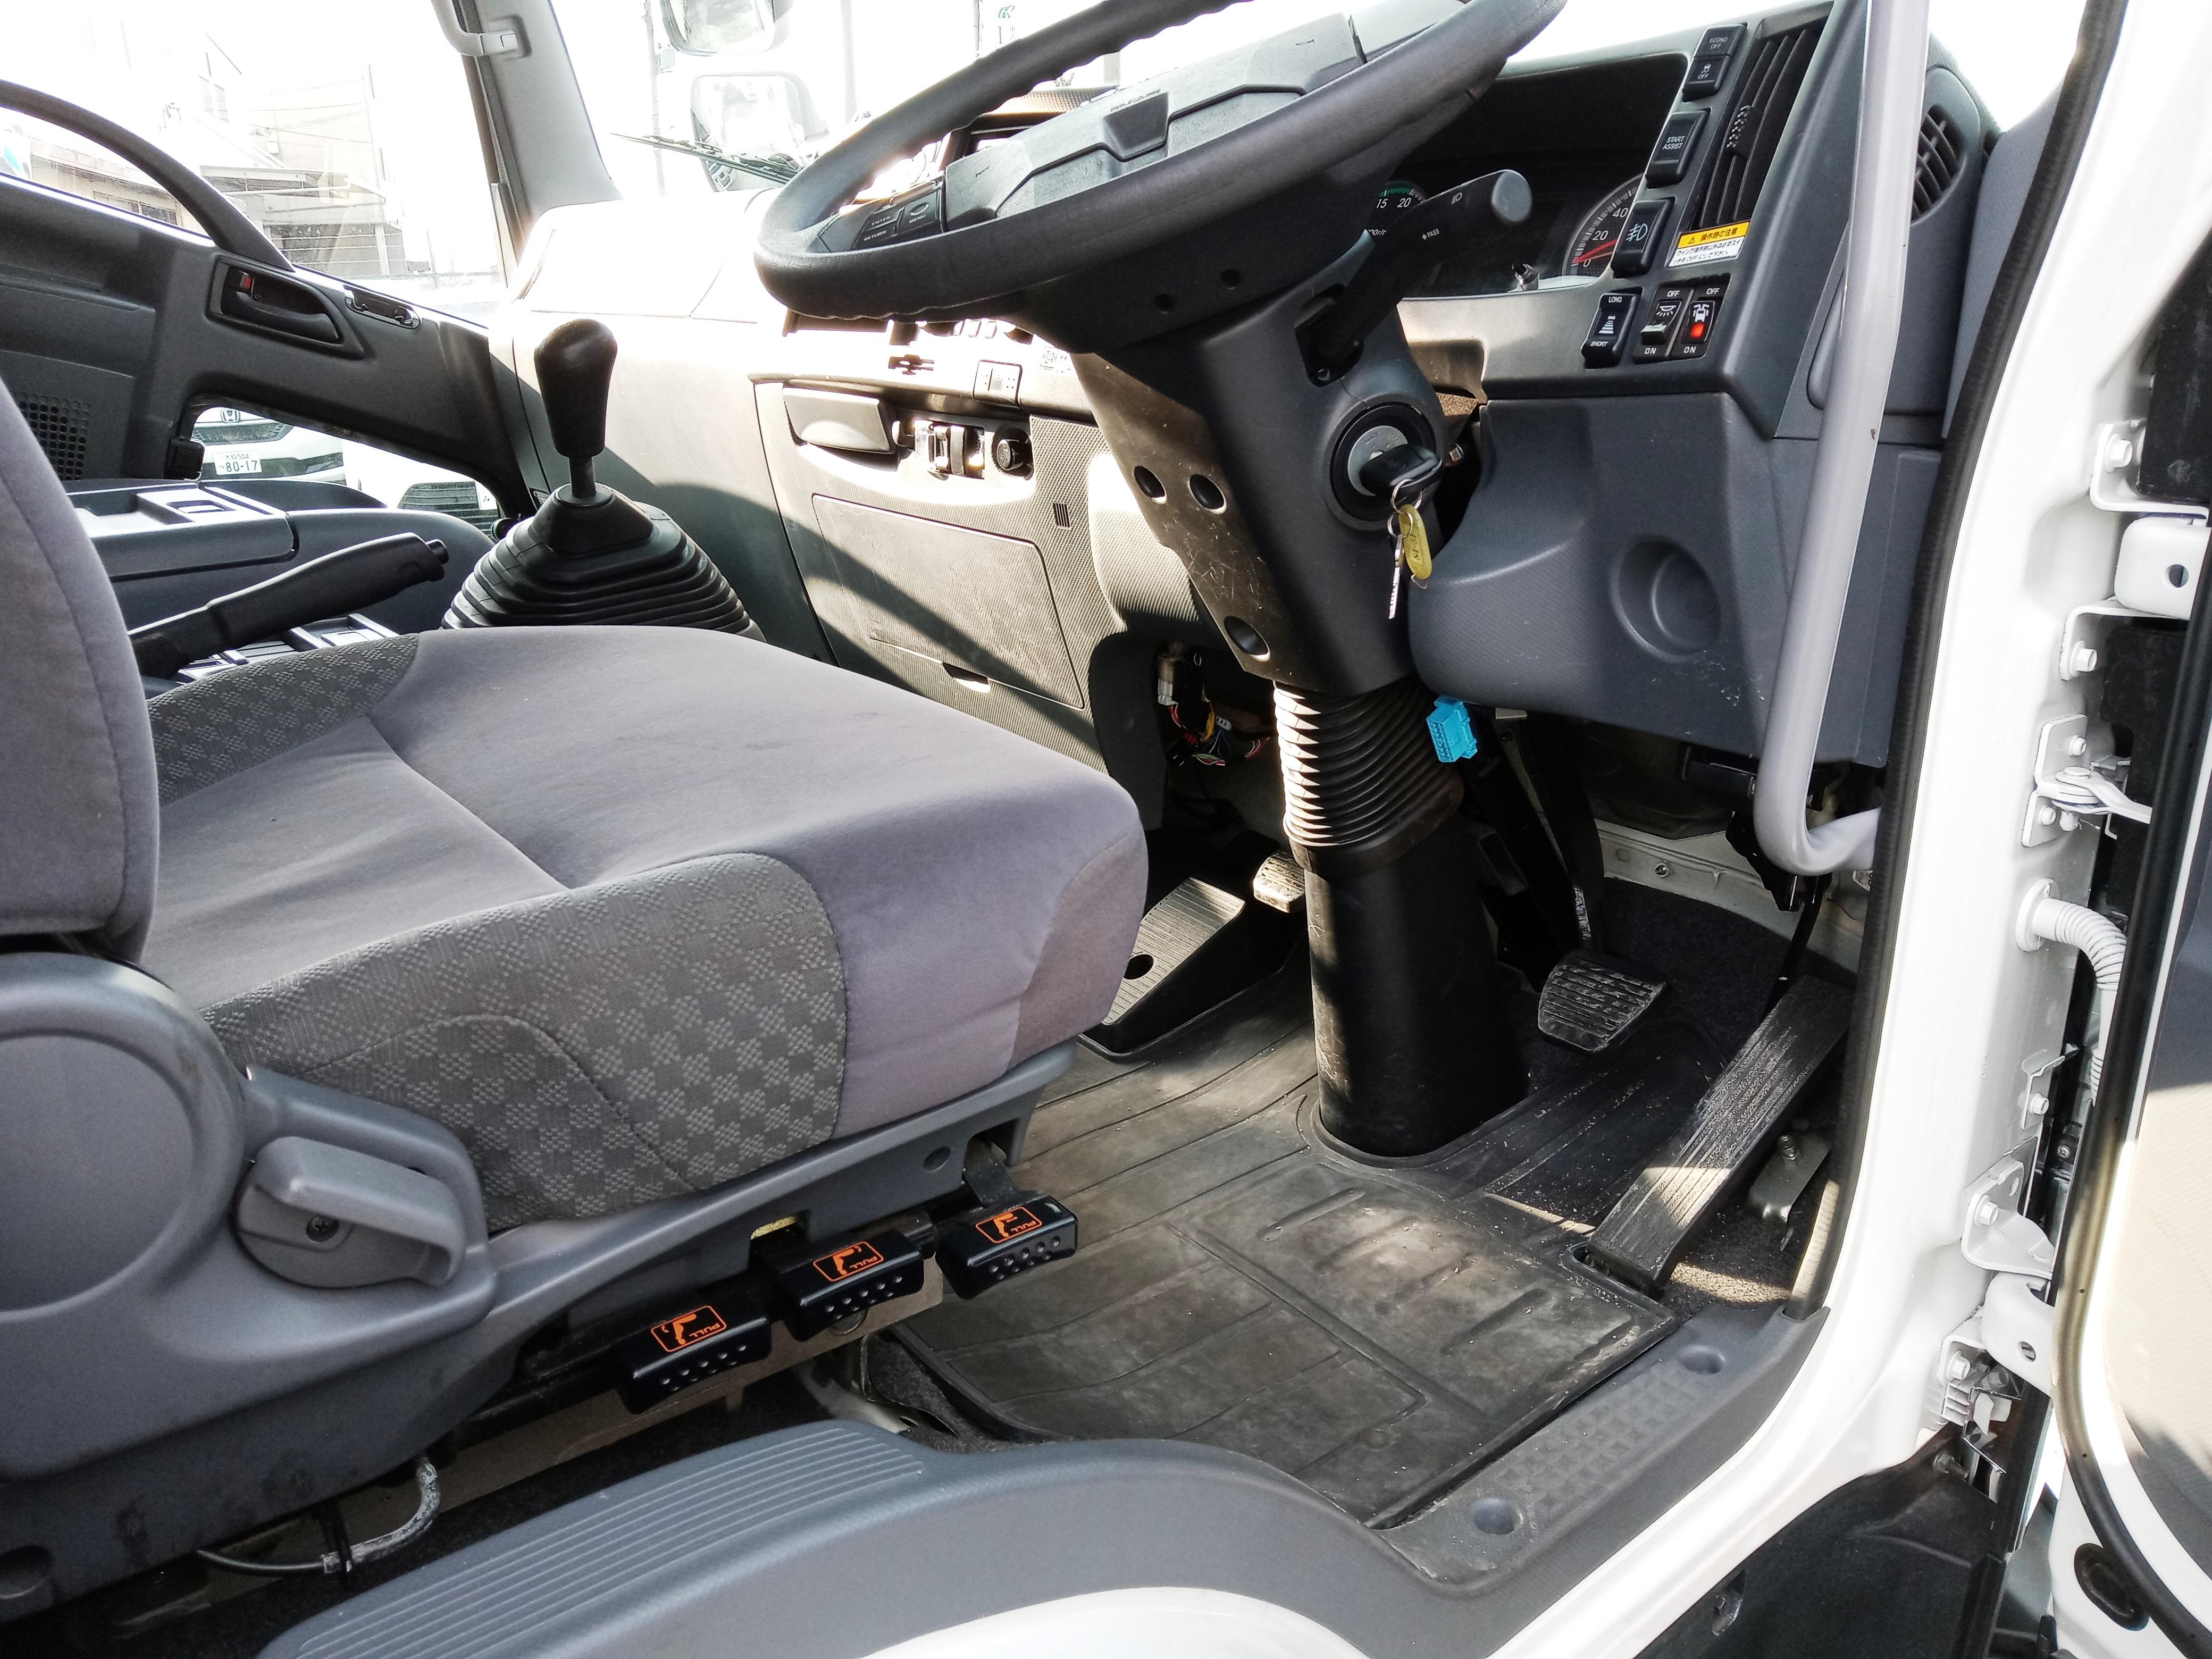 R1年 2RG‐FRR90T2 いすゞ フォワード ウイング ワイド エアサス 6MT 240PS 車検付き21